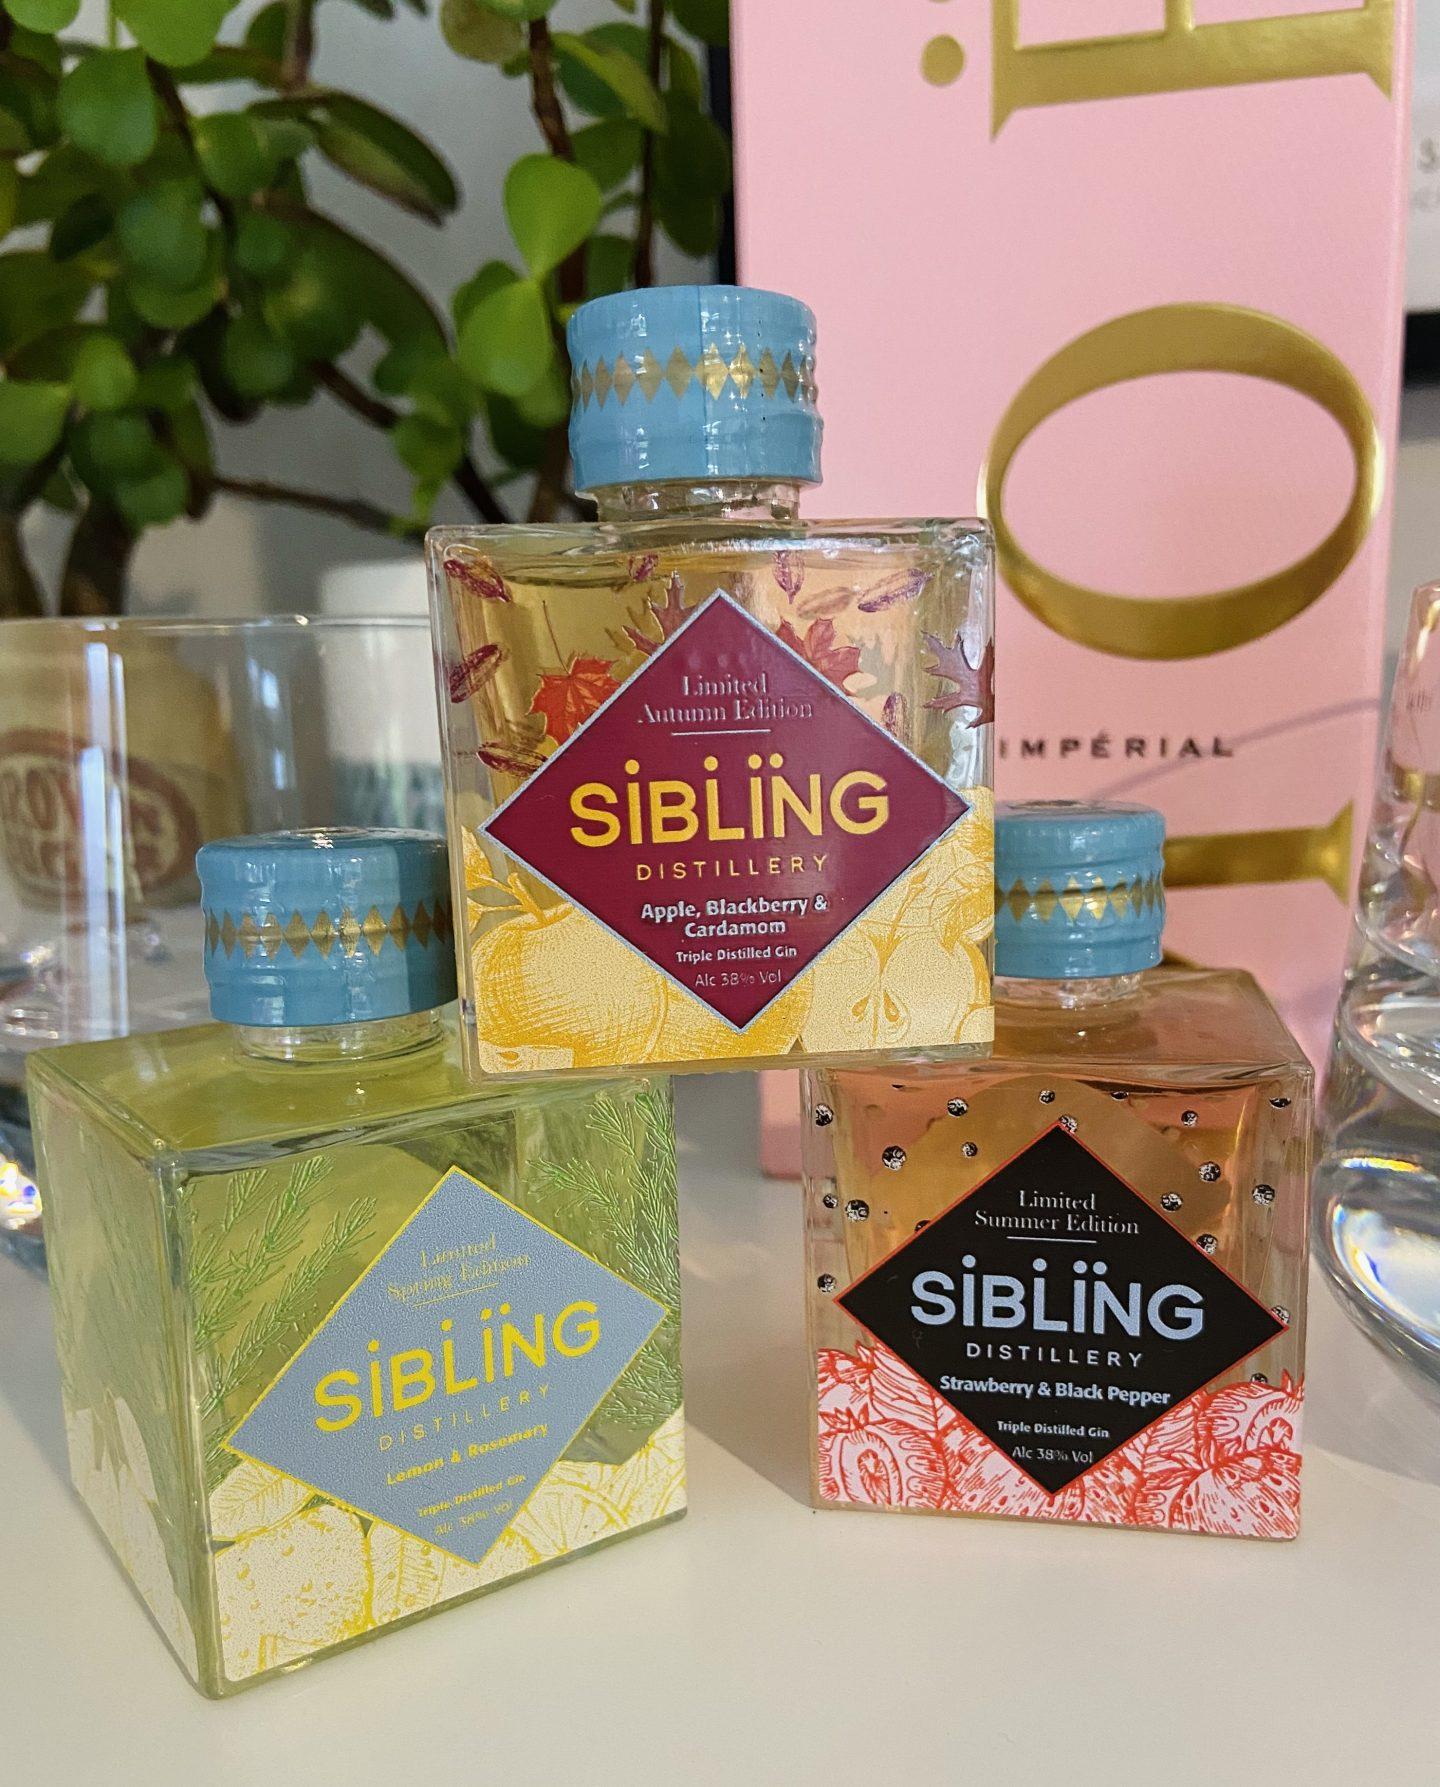 Sibling gin Moonpig